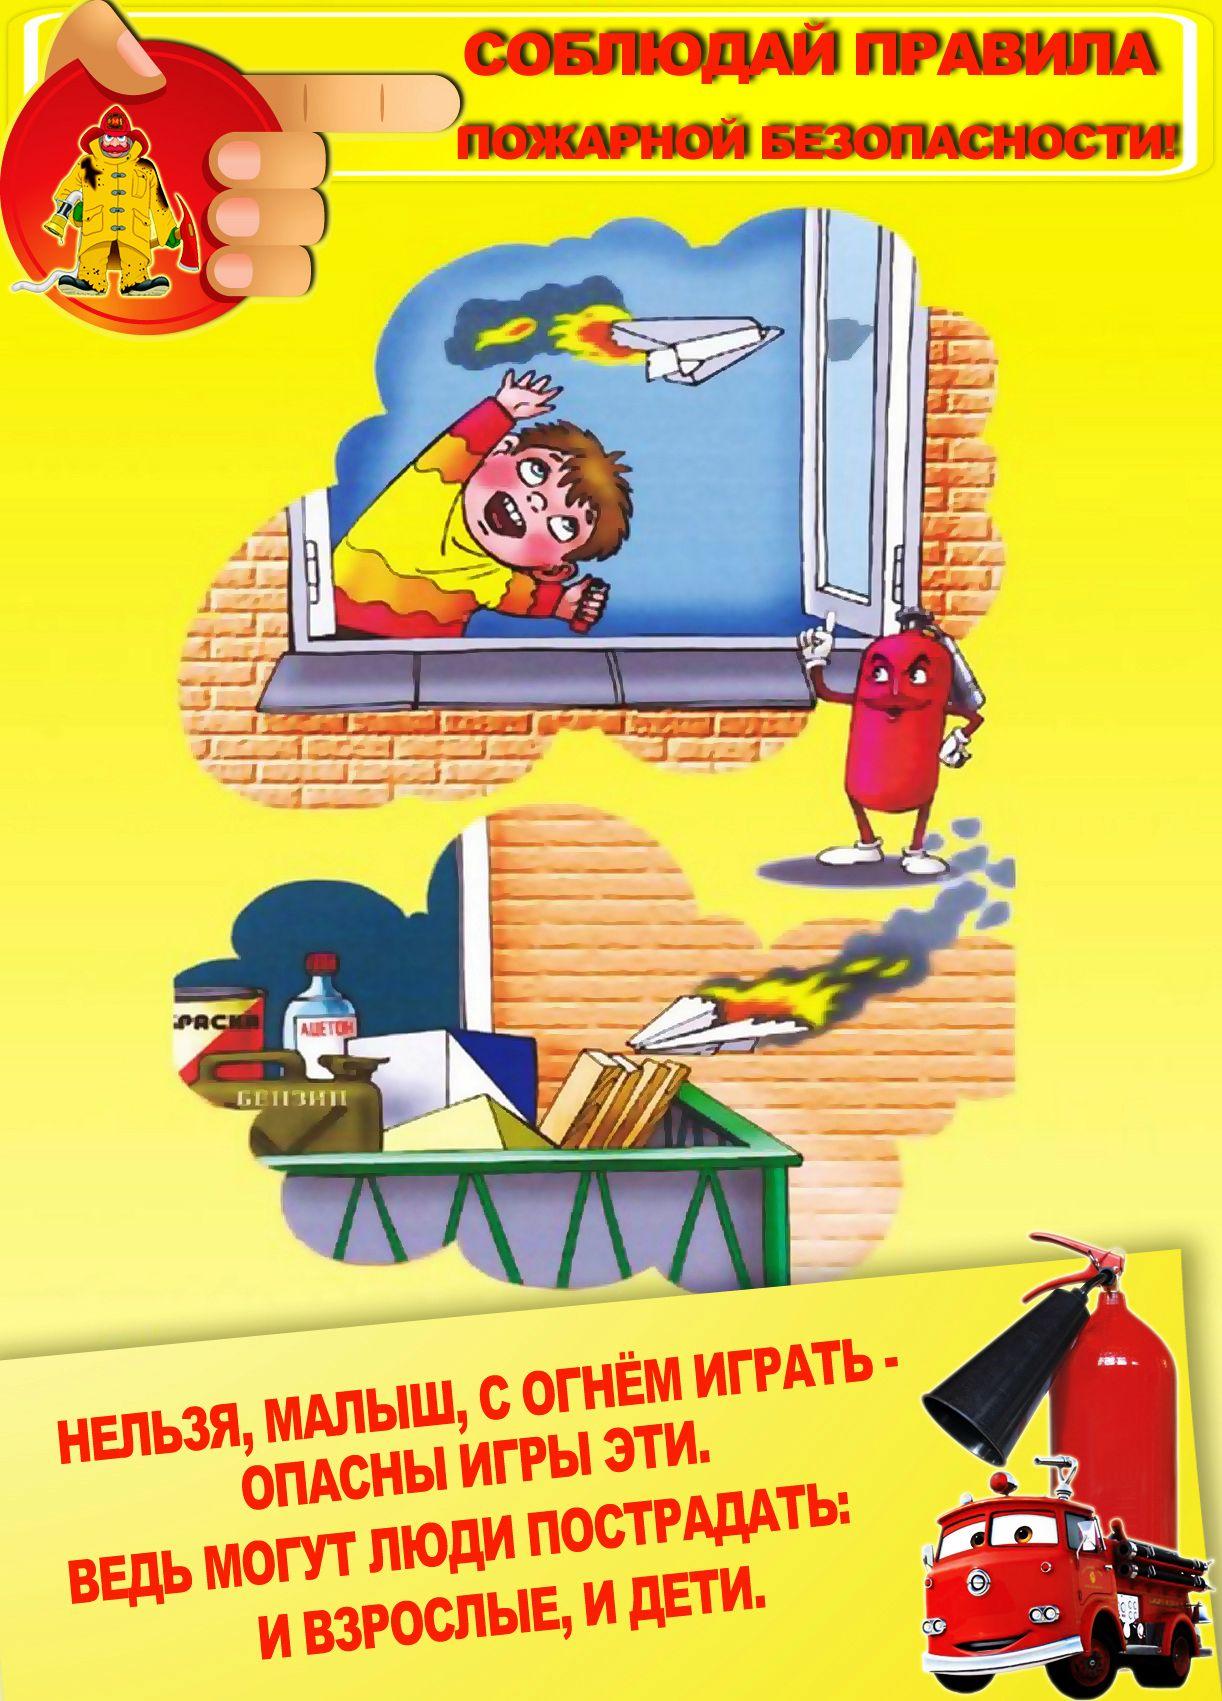 Пожарная безопасность. Государственное учреждение ...